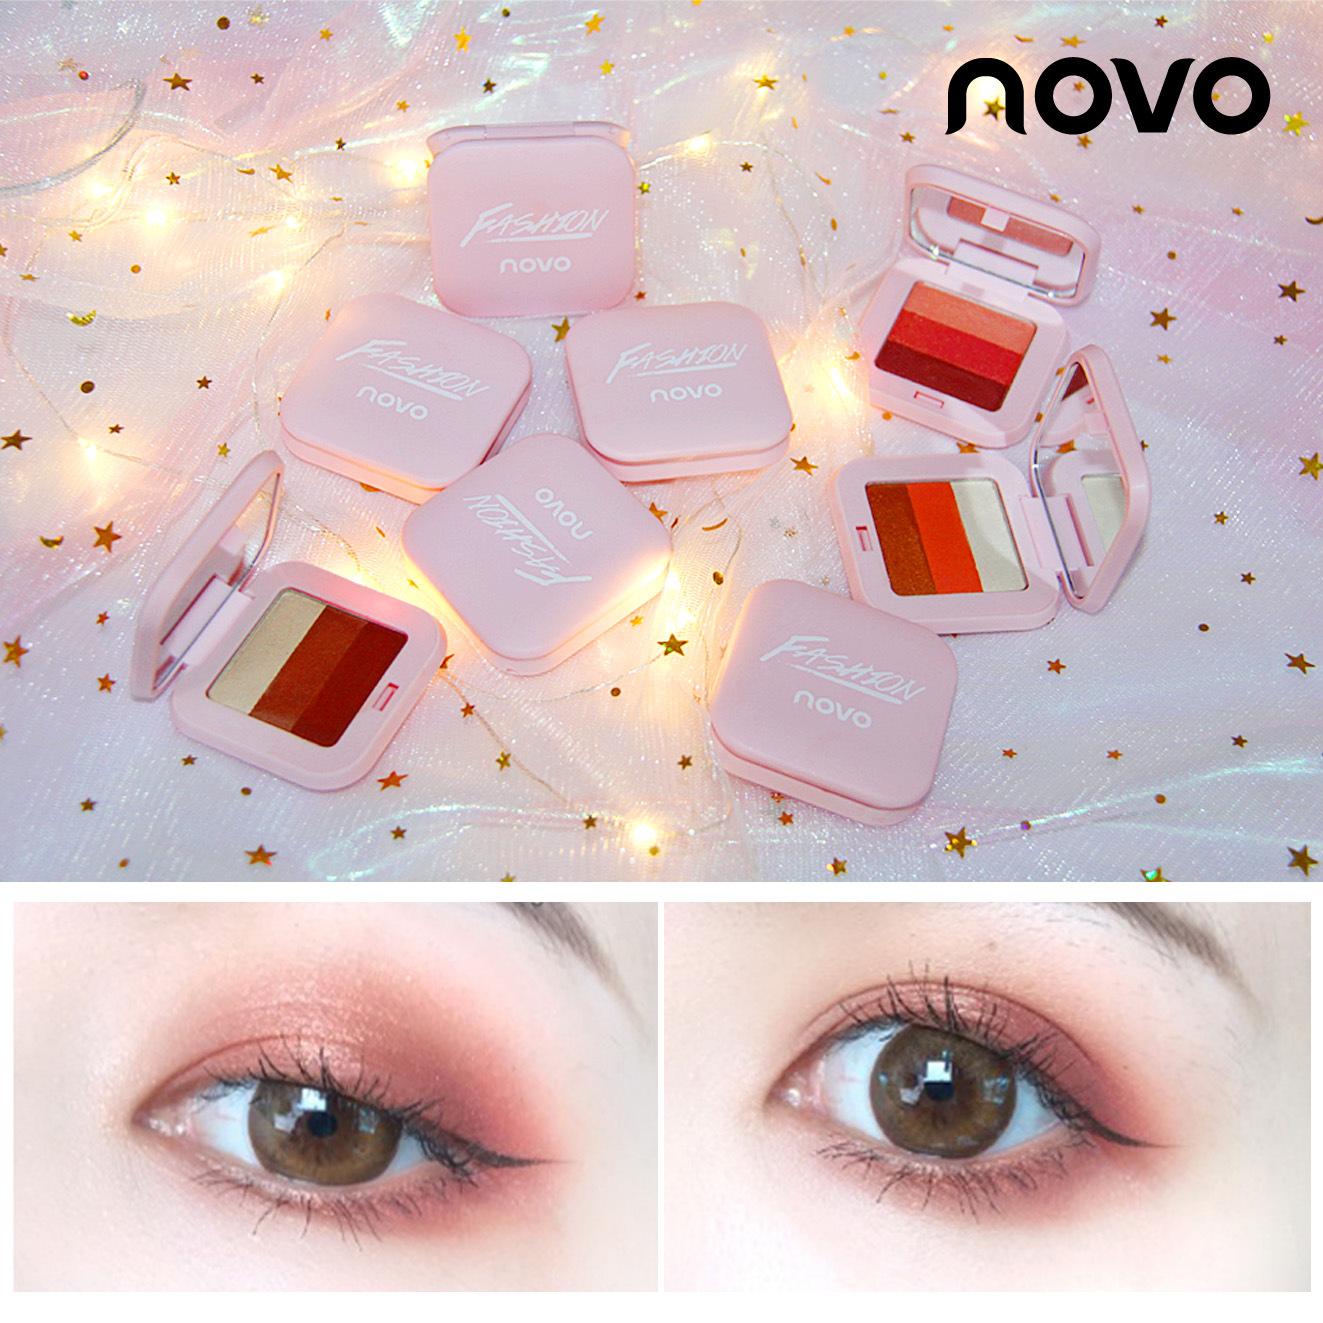 Novo thông minh ba màu gradient bóng mắt bột tốt không bay bột dễ dàng để màu bí ngô màu rượu vang đỏ 5210 #